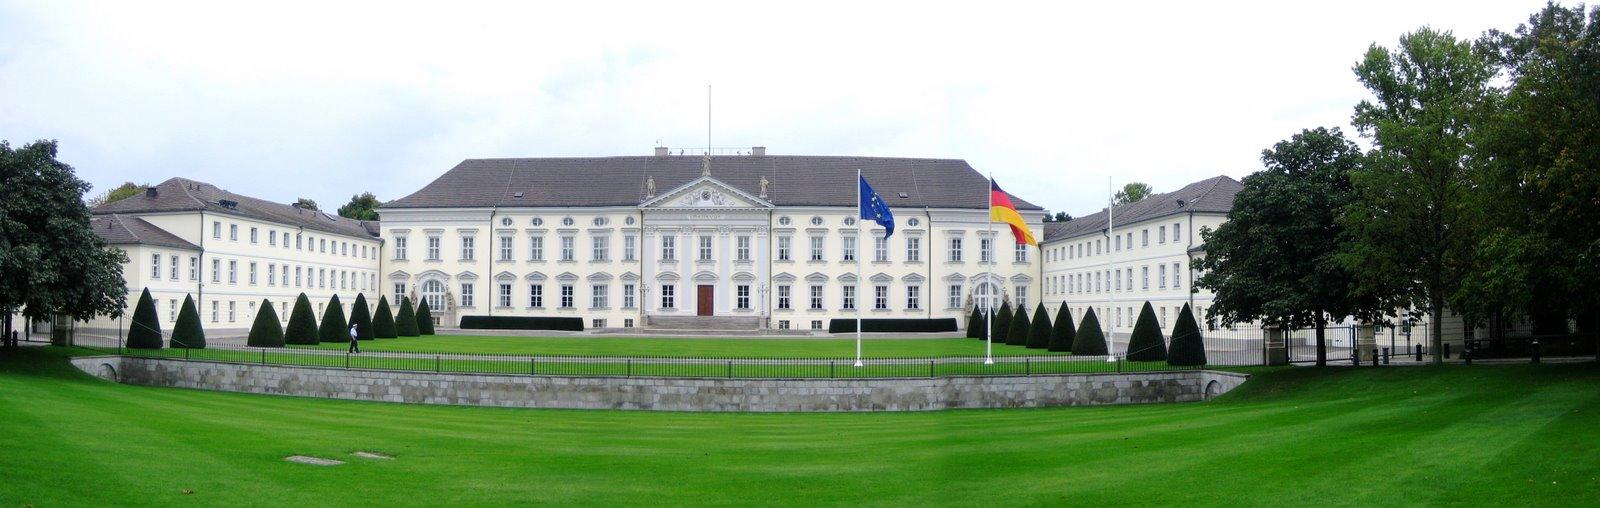 [Schloss_Bellevue]